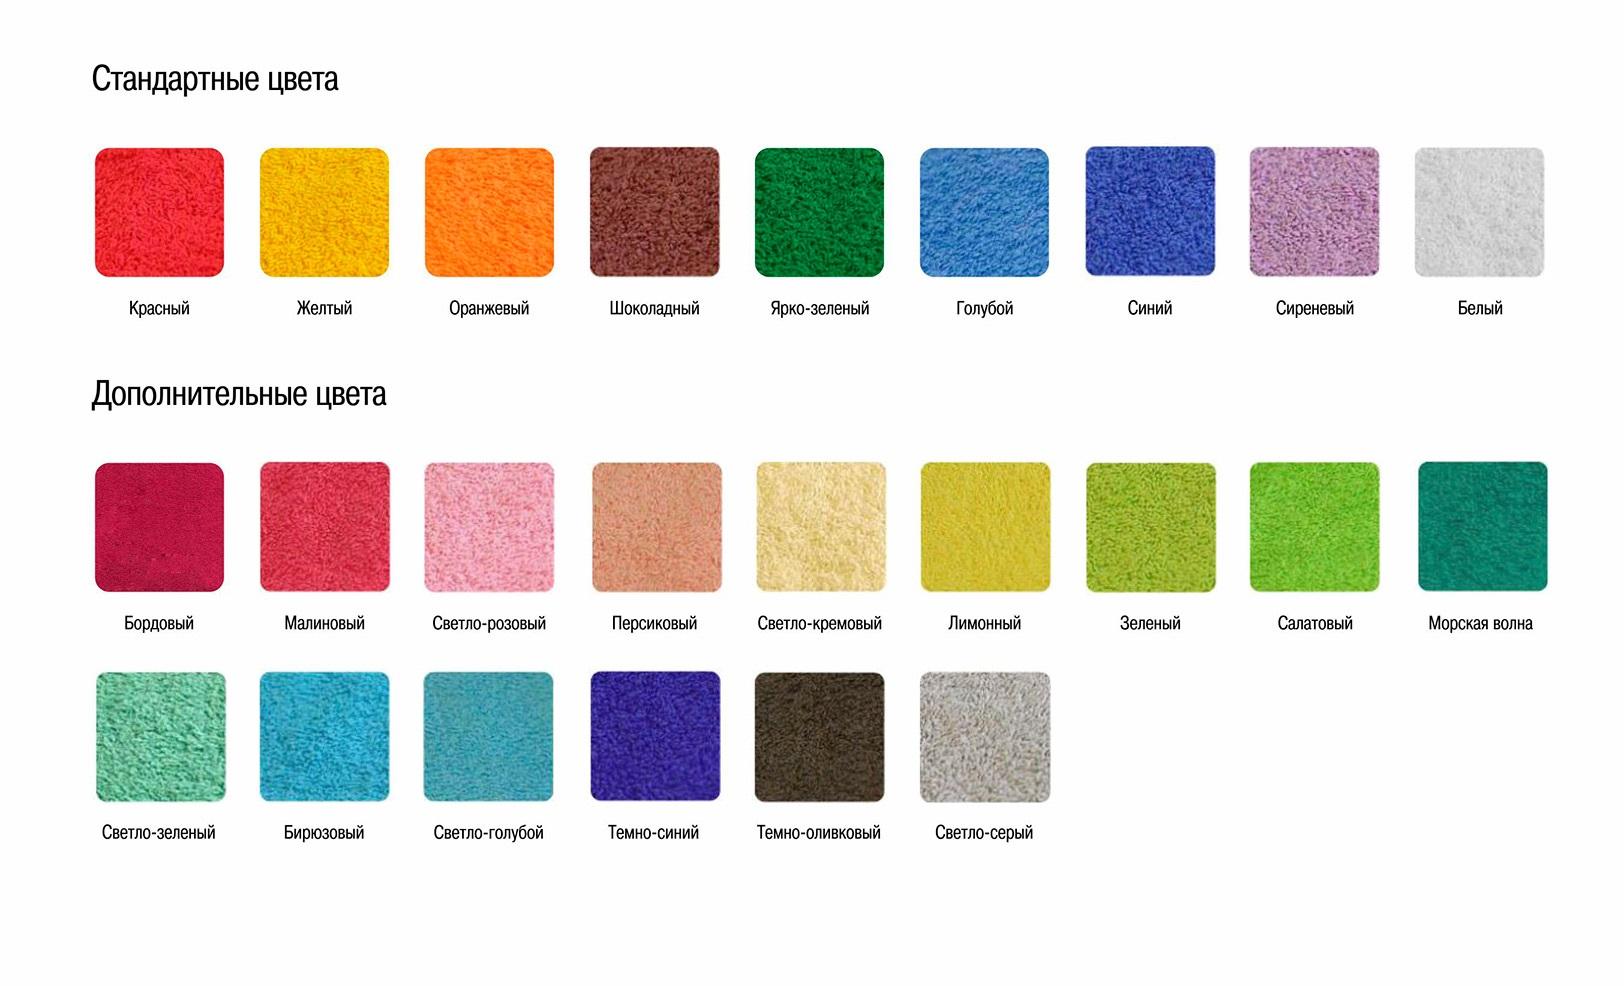 Цветовая гамма полотенец оптом от швейной фабрики Да-опт